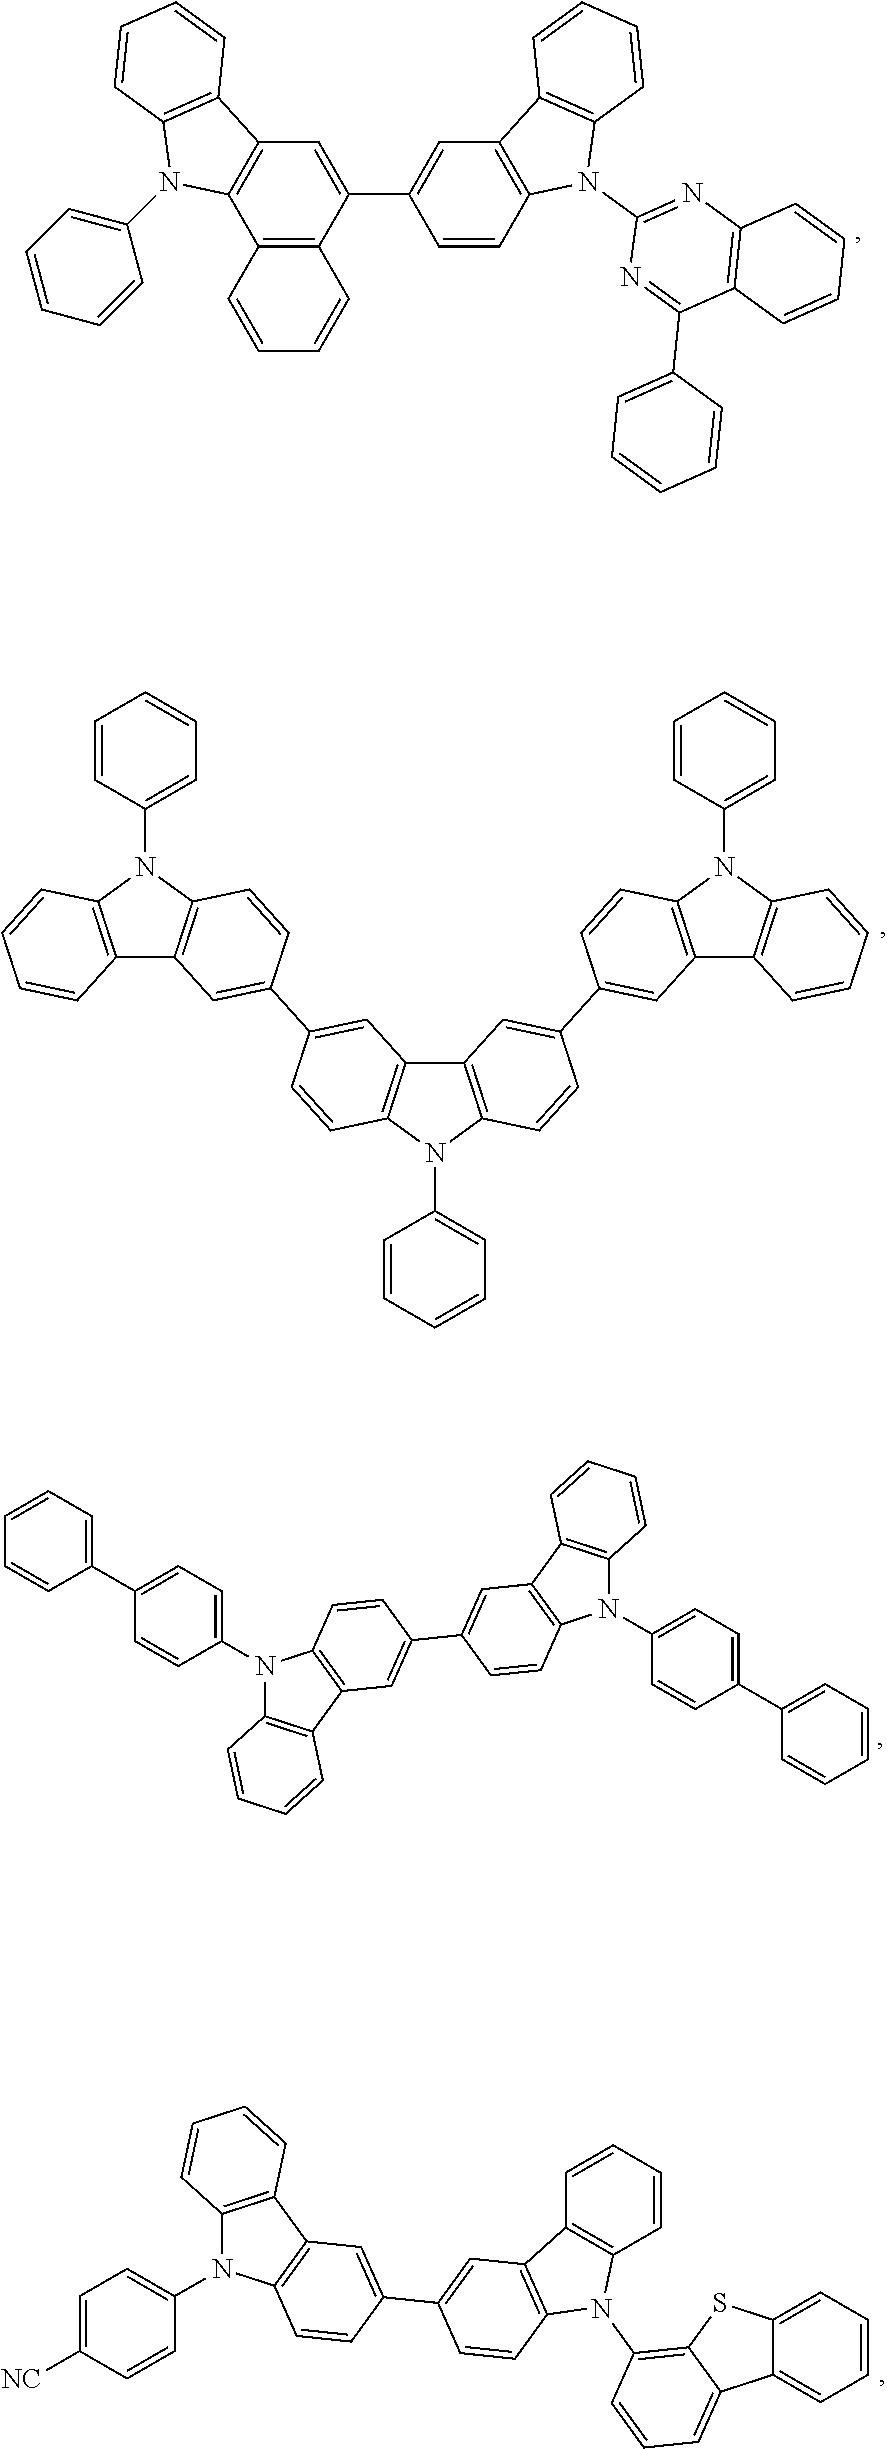 Figure US09859510-20180102-C00160